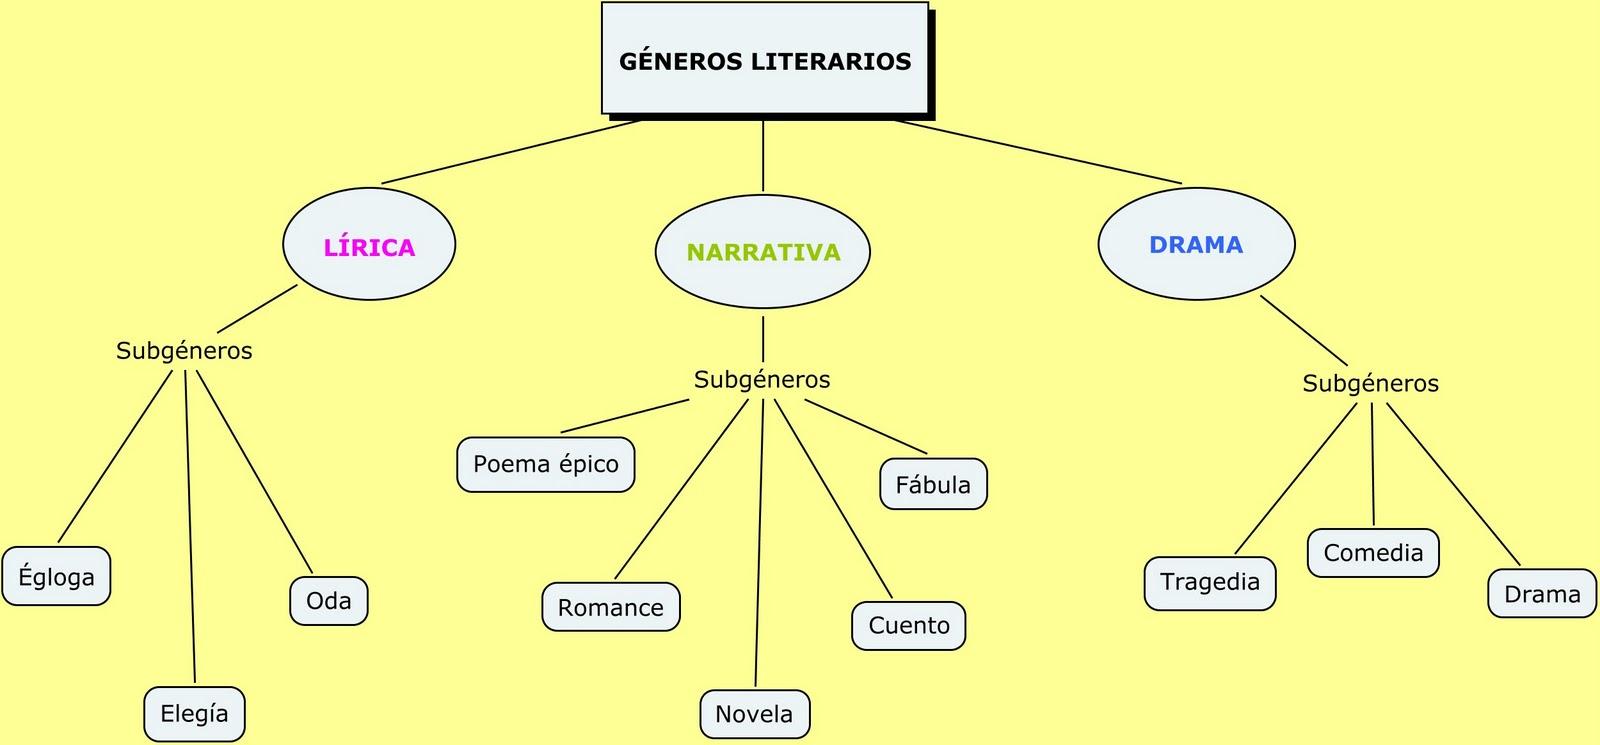 presenting factory authentic special section Los géneros Literarios-2º ESO | la escondida senda